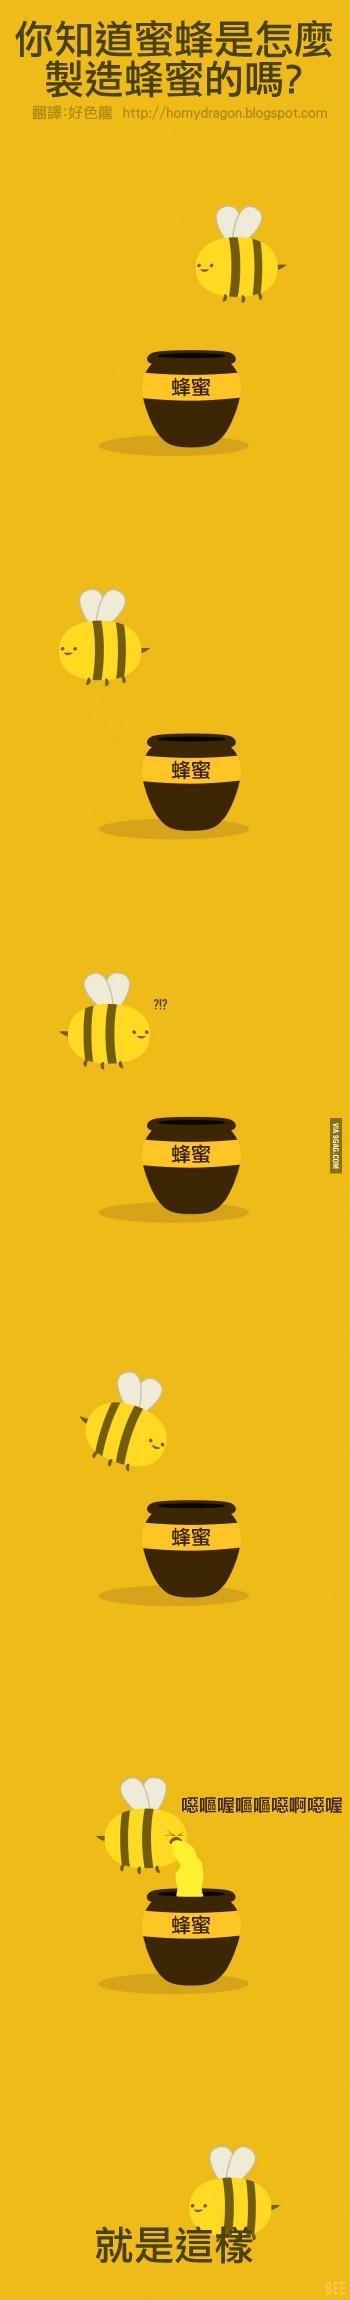 科普小知识,蜂蜜是怎么造出来的。